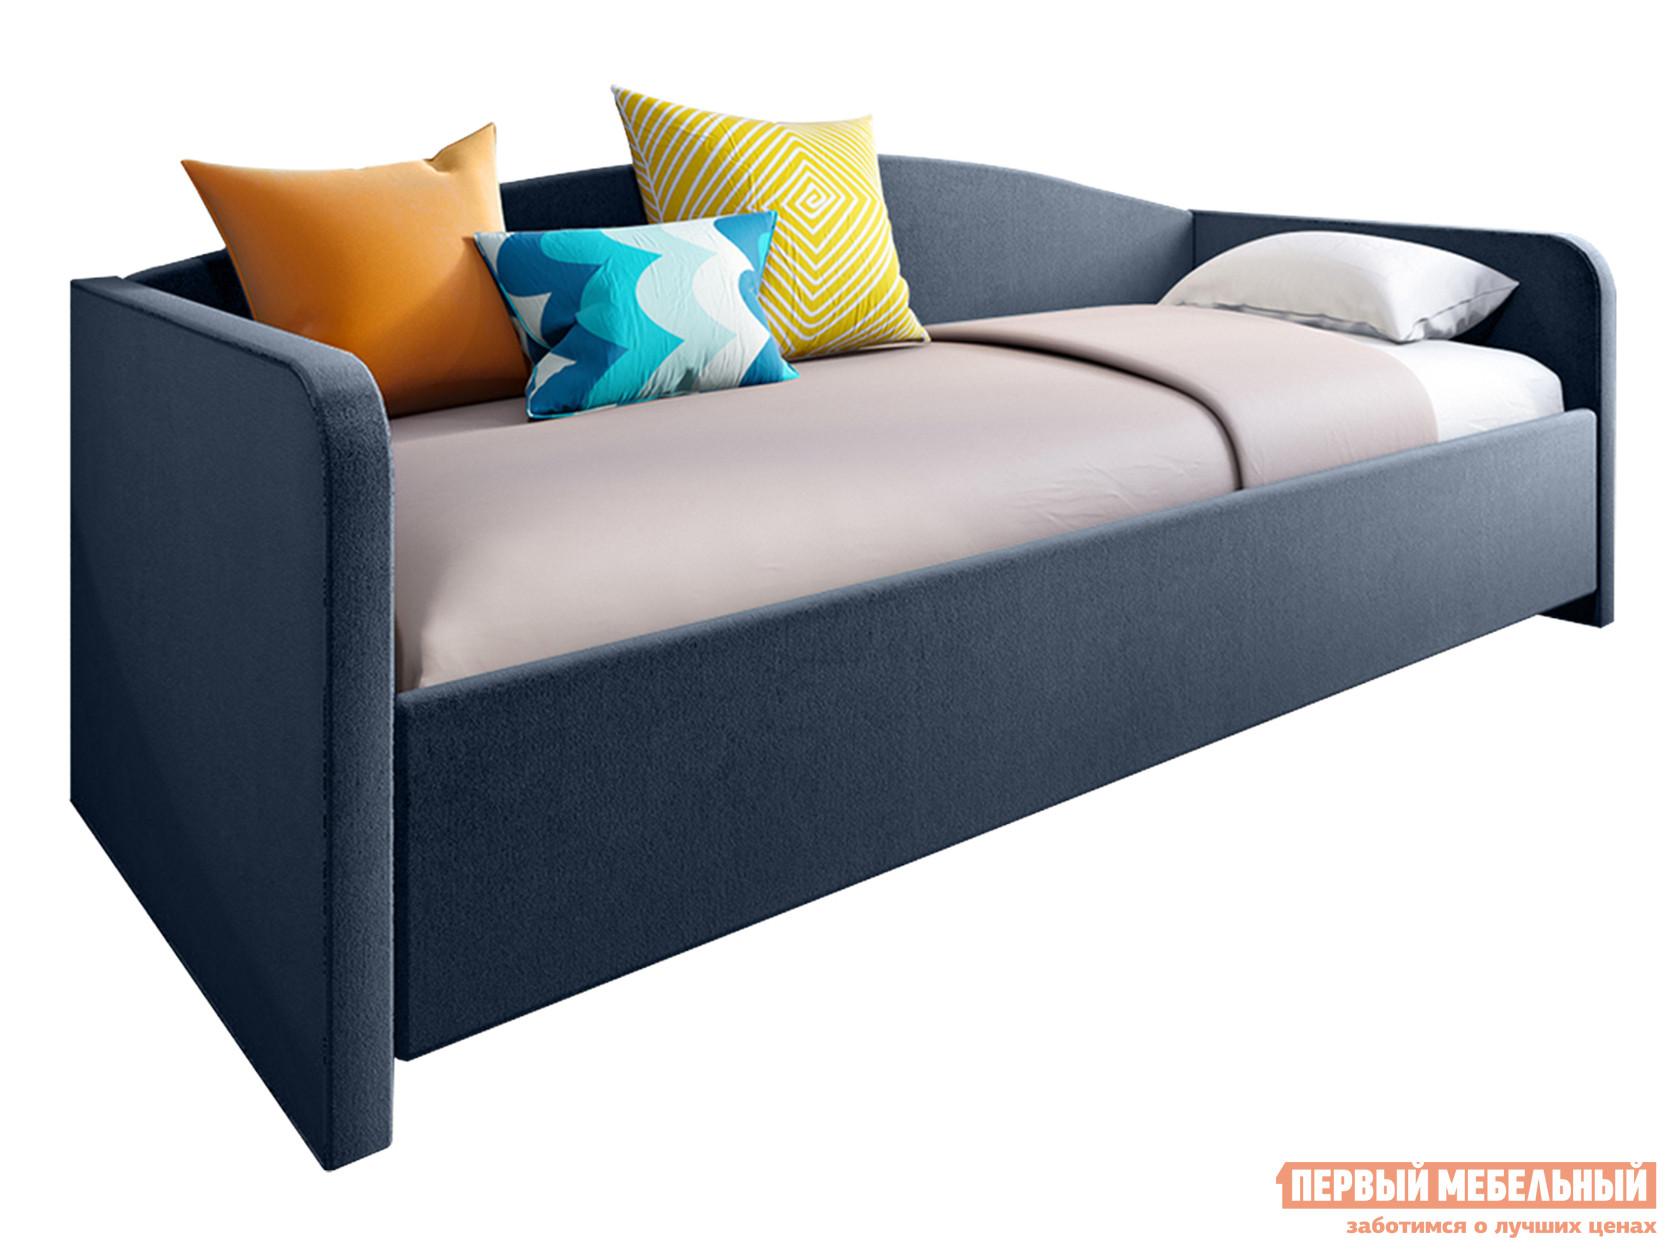 Односпальная кровать Тахта Уно с ортопедическим основанием Синий велюр, 900 Х 2000 мм, Без подъемного механизма фото